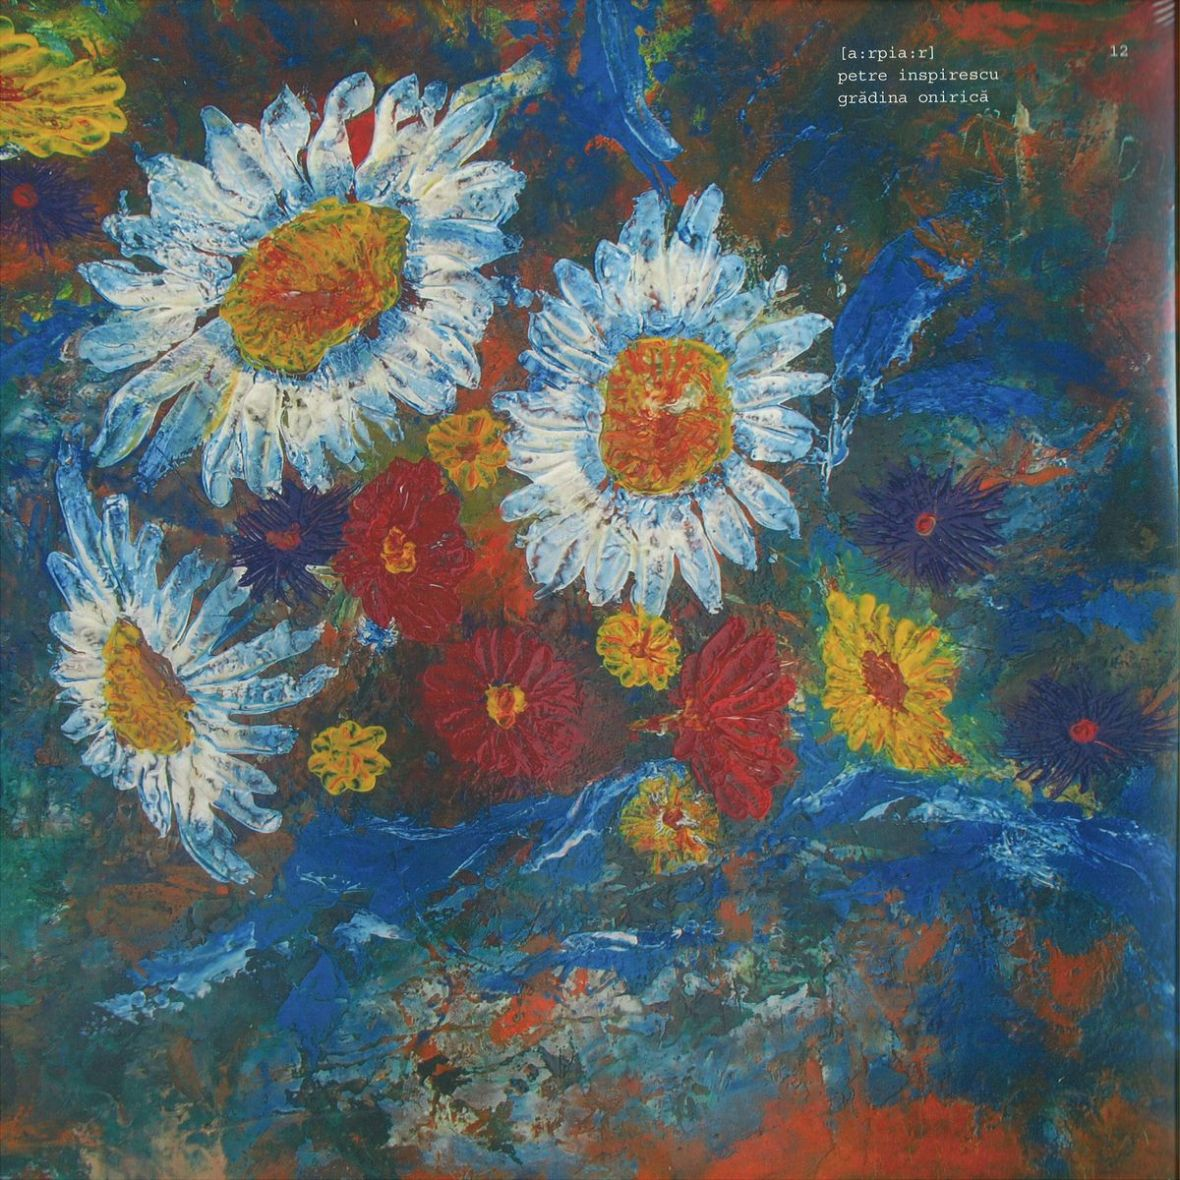 Petre Inspirescu – Grădina Onirică – [a:rpia:r]012